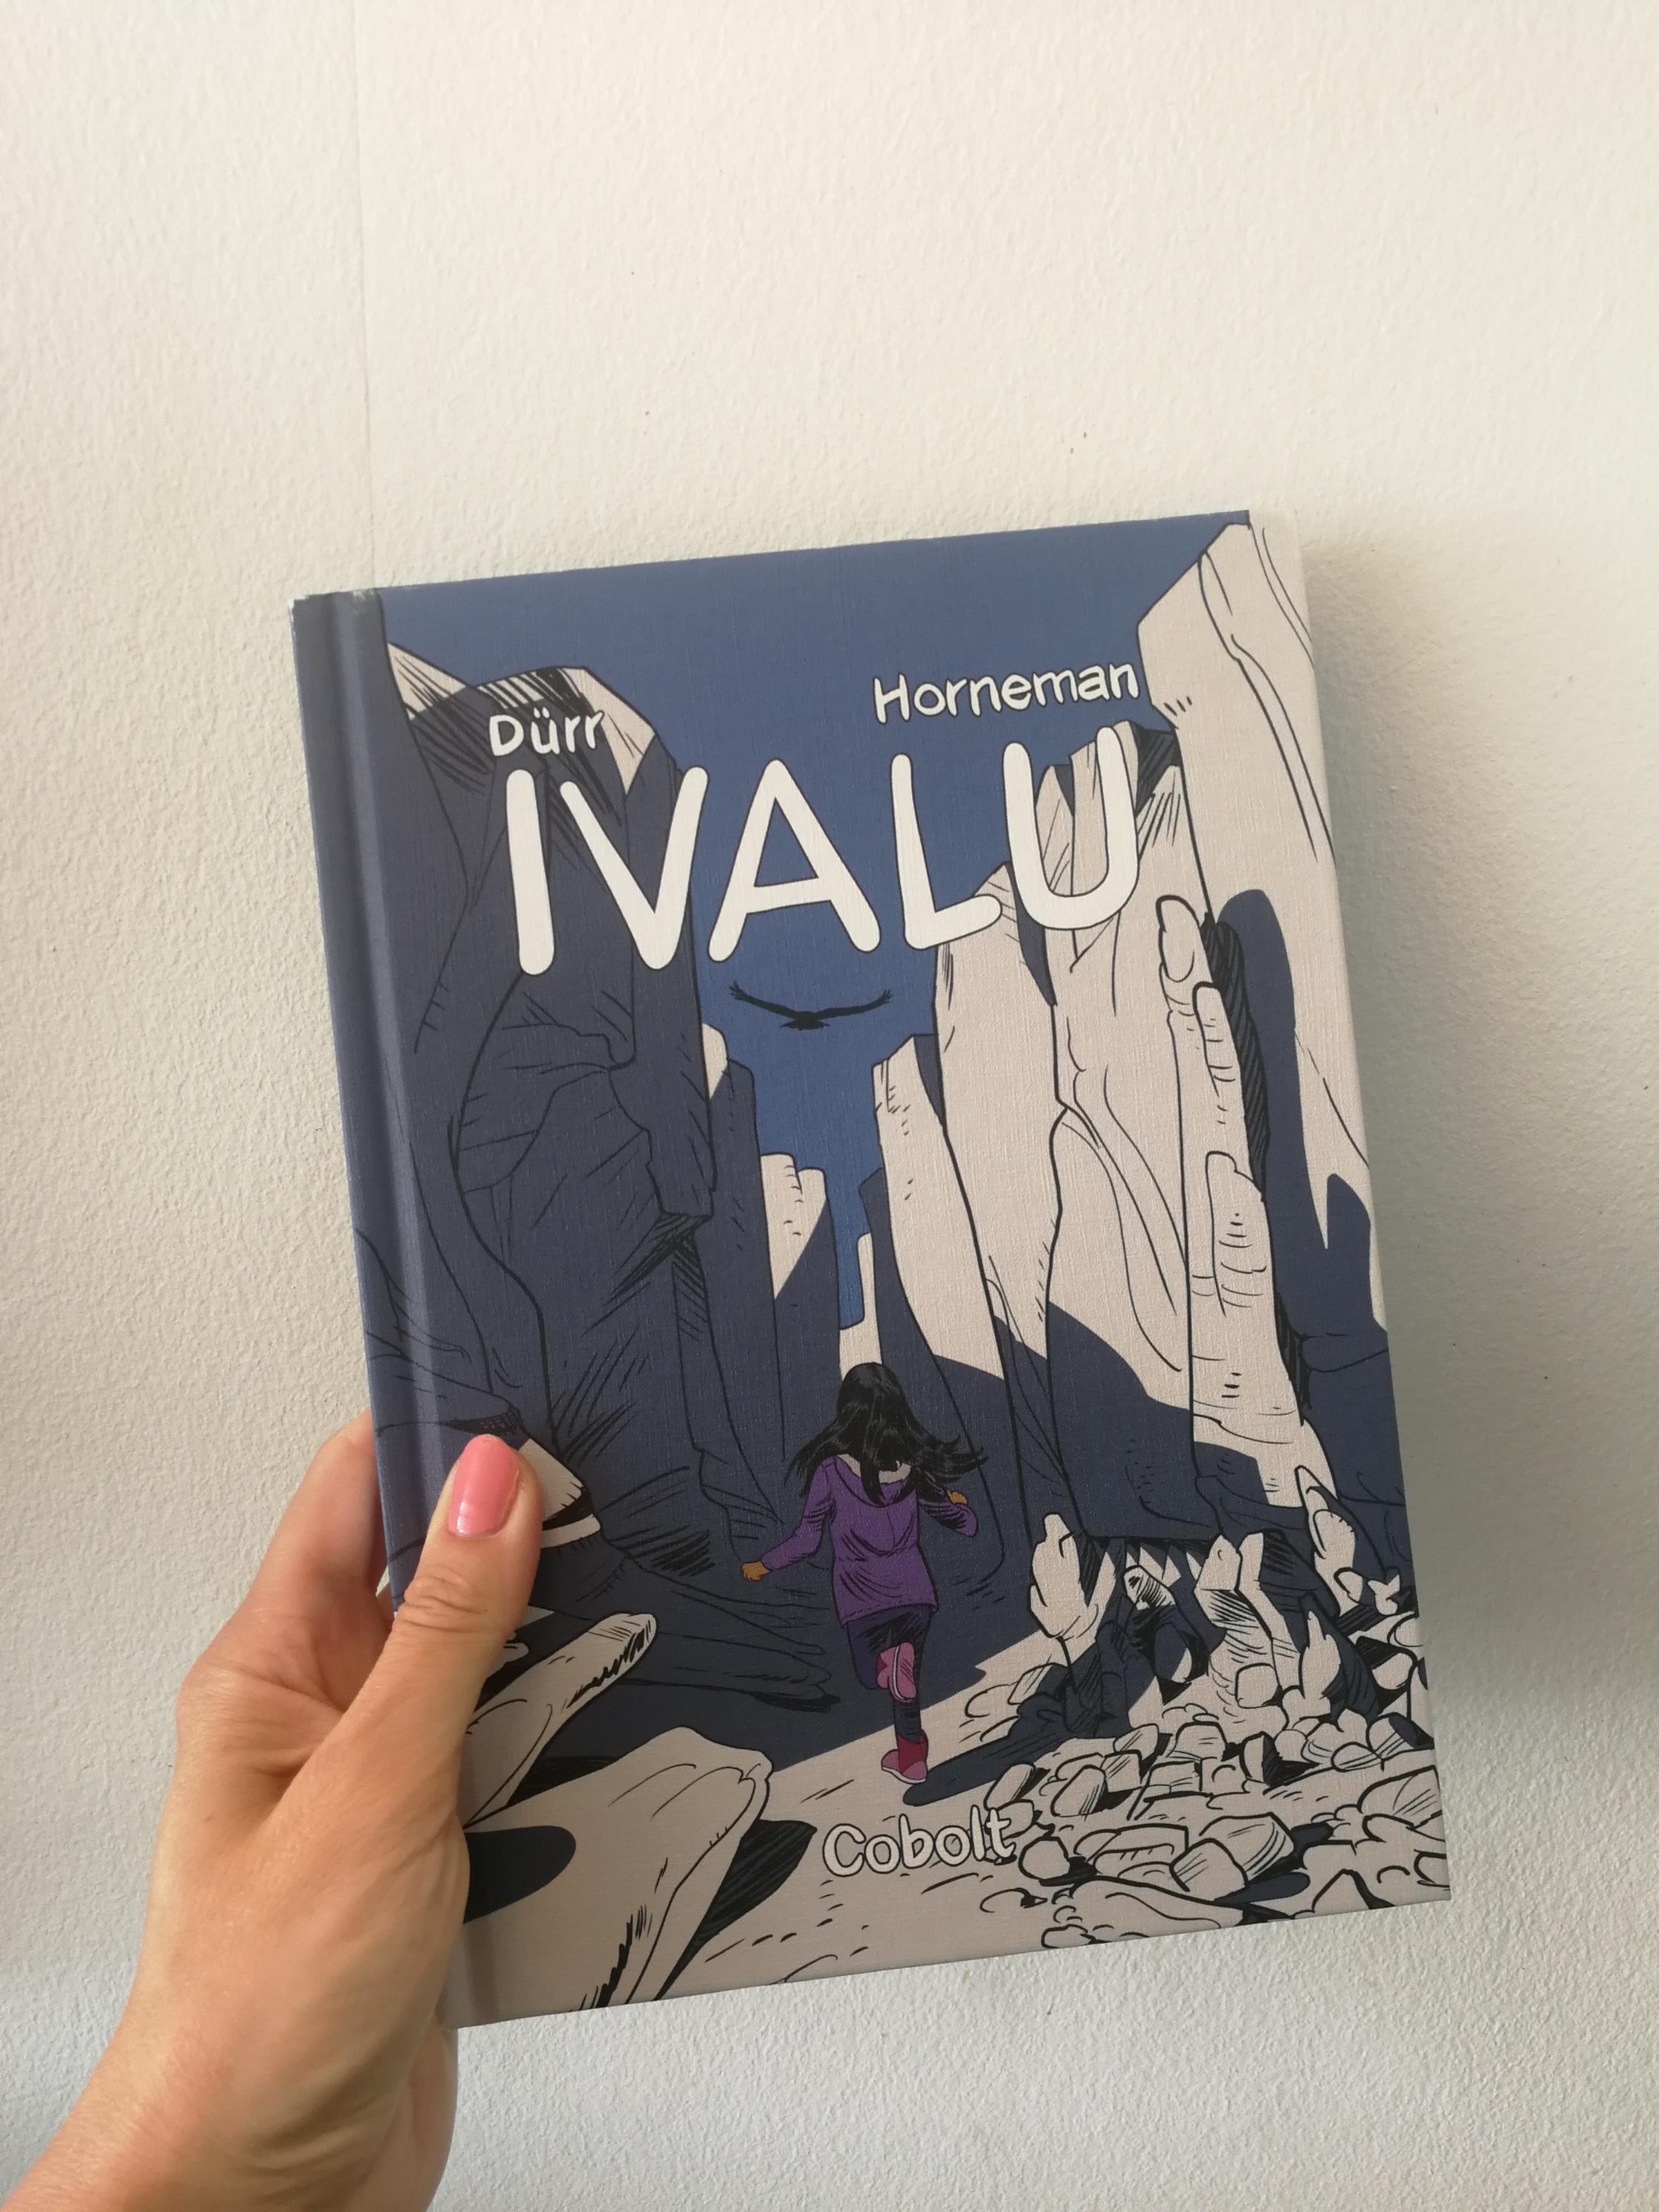 ivalu graphic novel cobolt